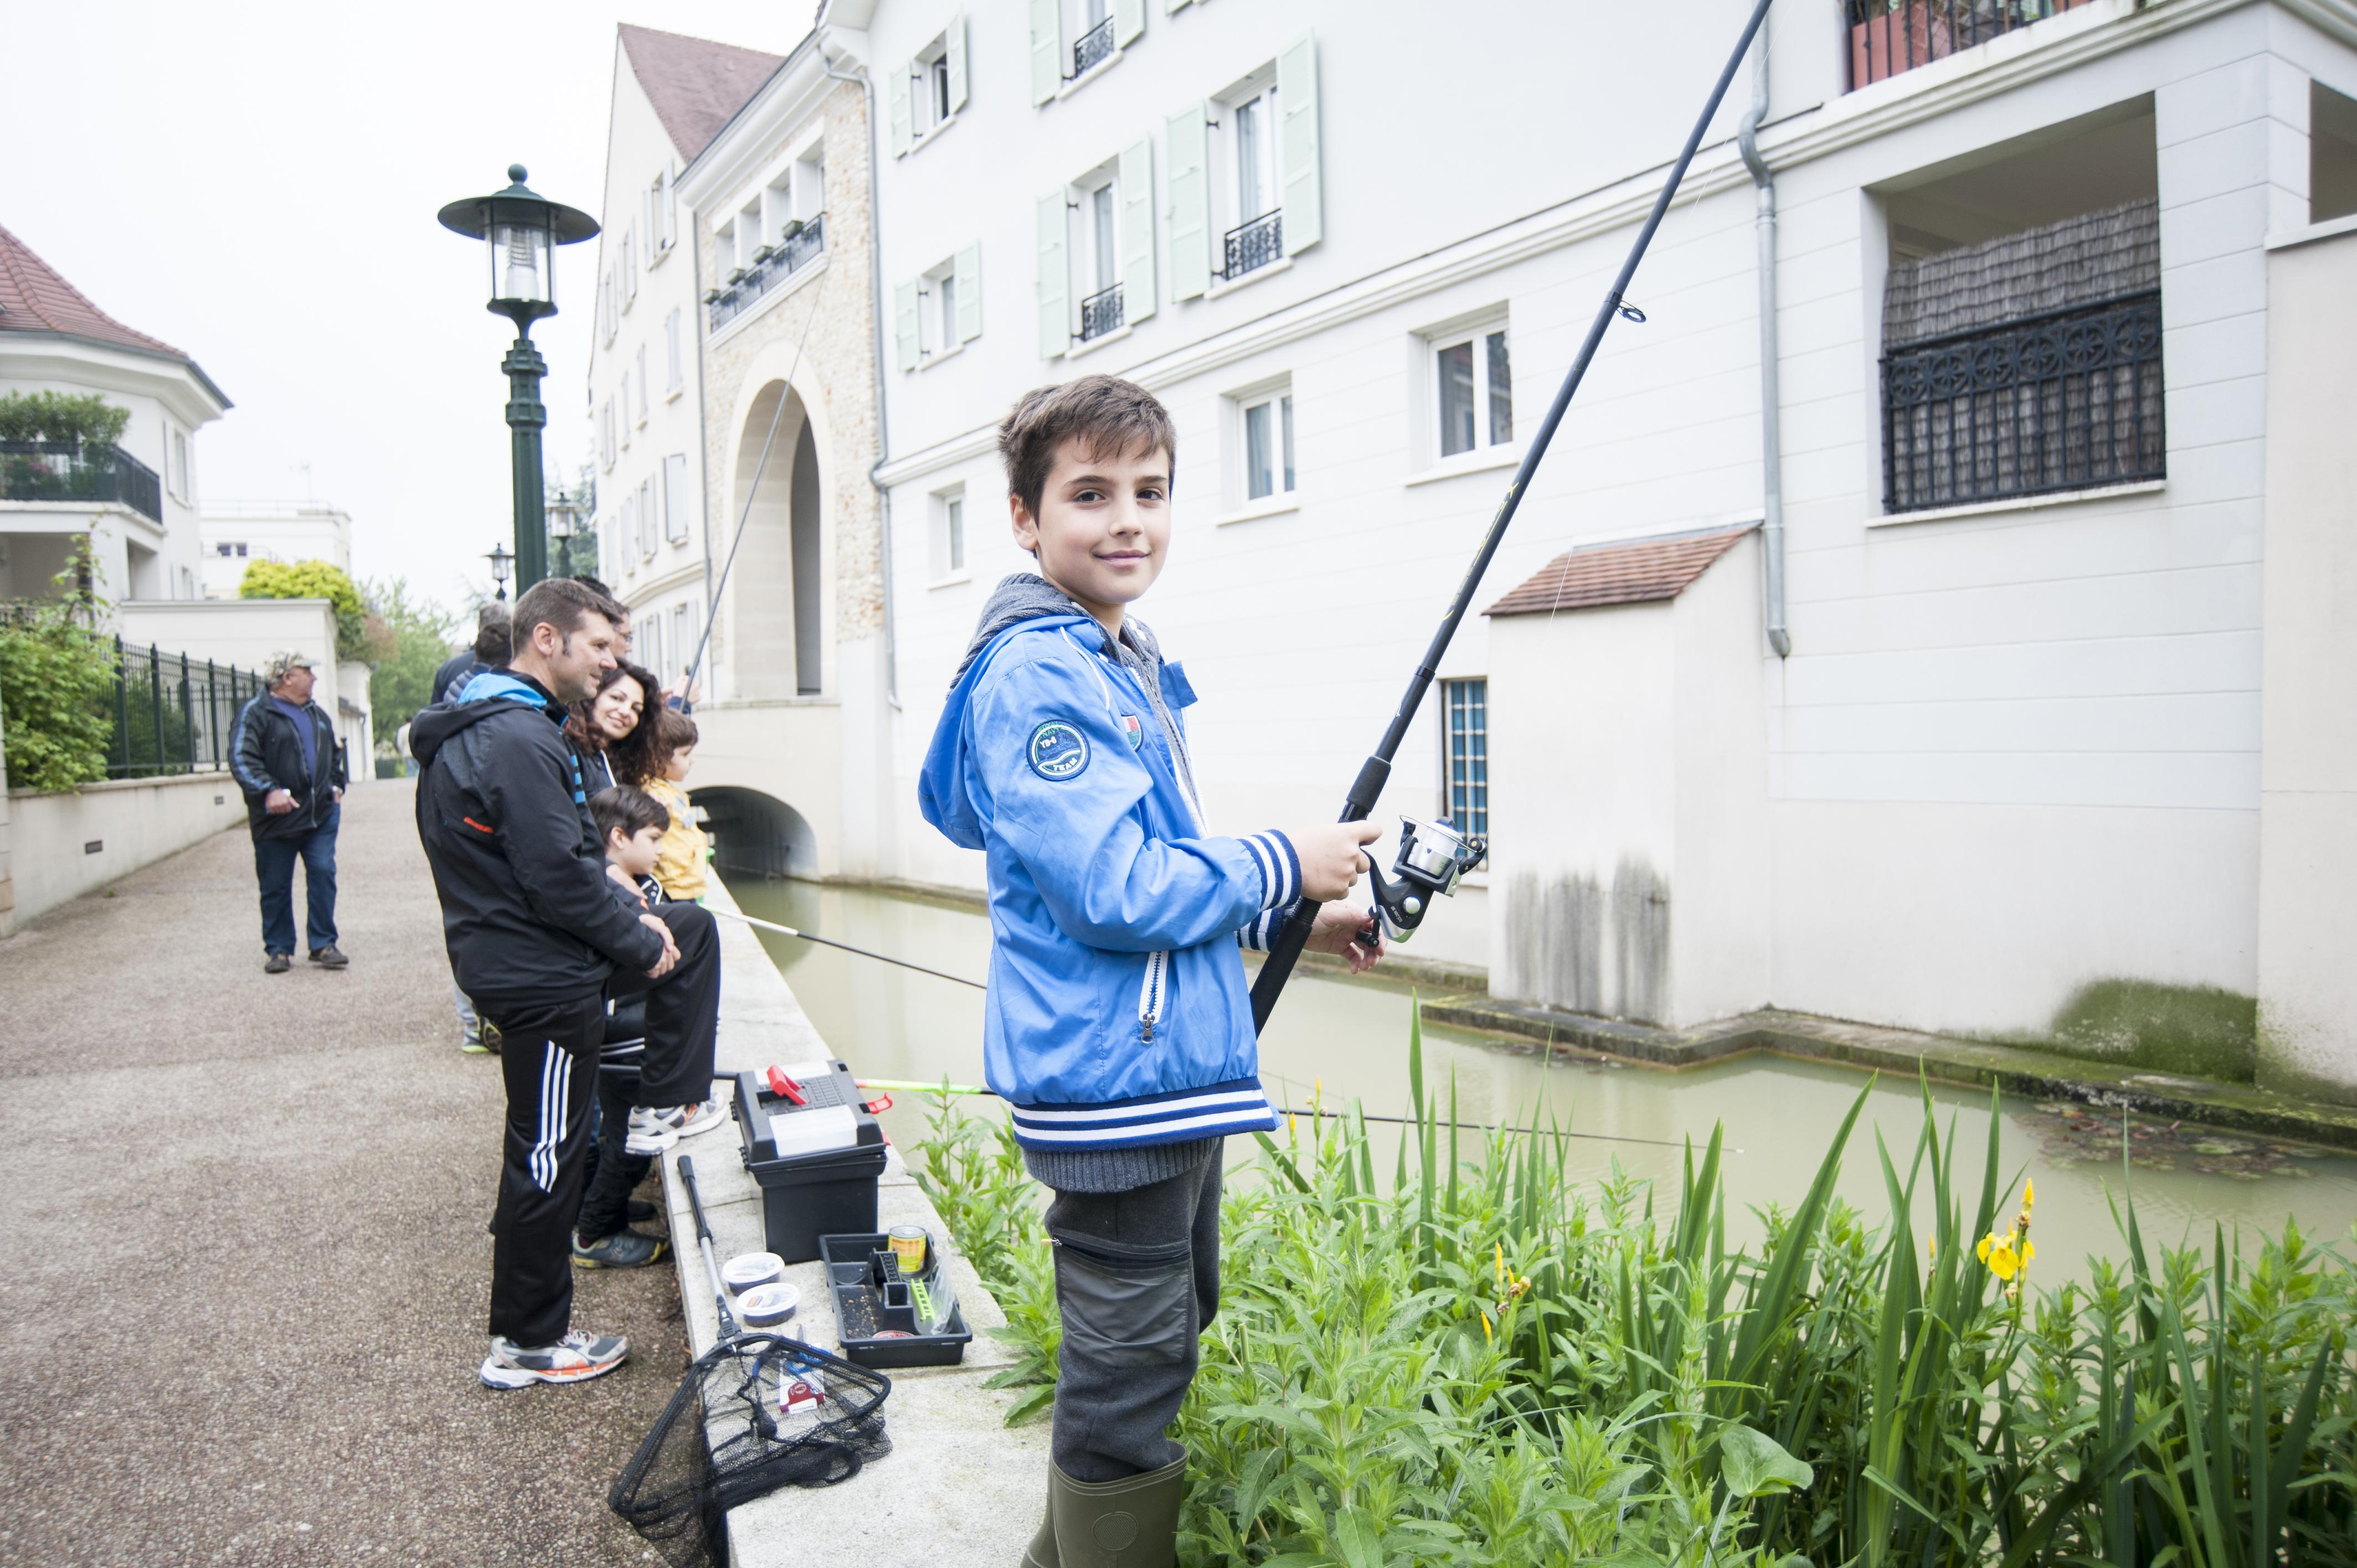 Zones de pêche : Toujours plus raisonnée